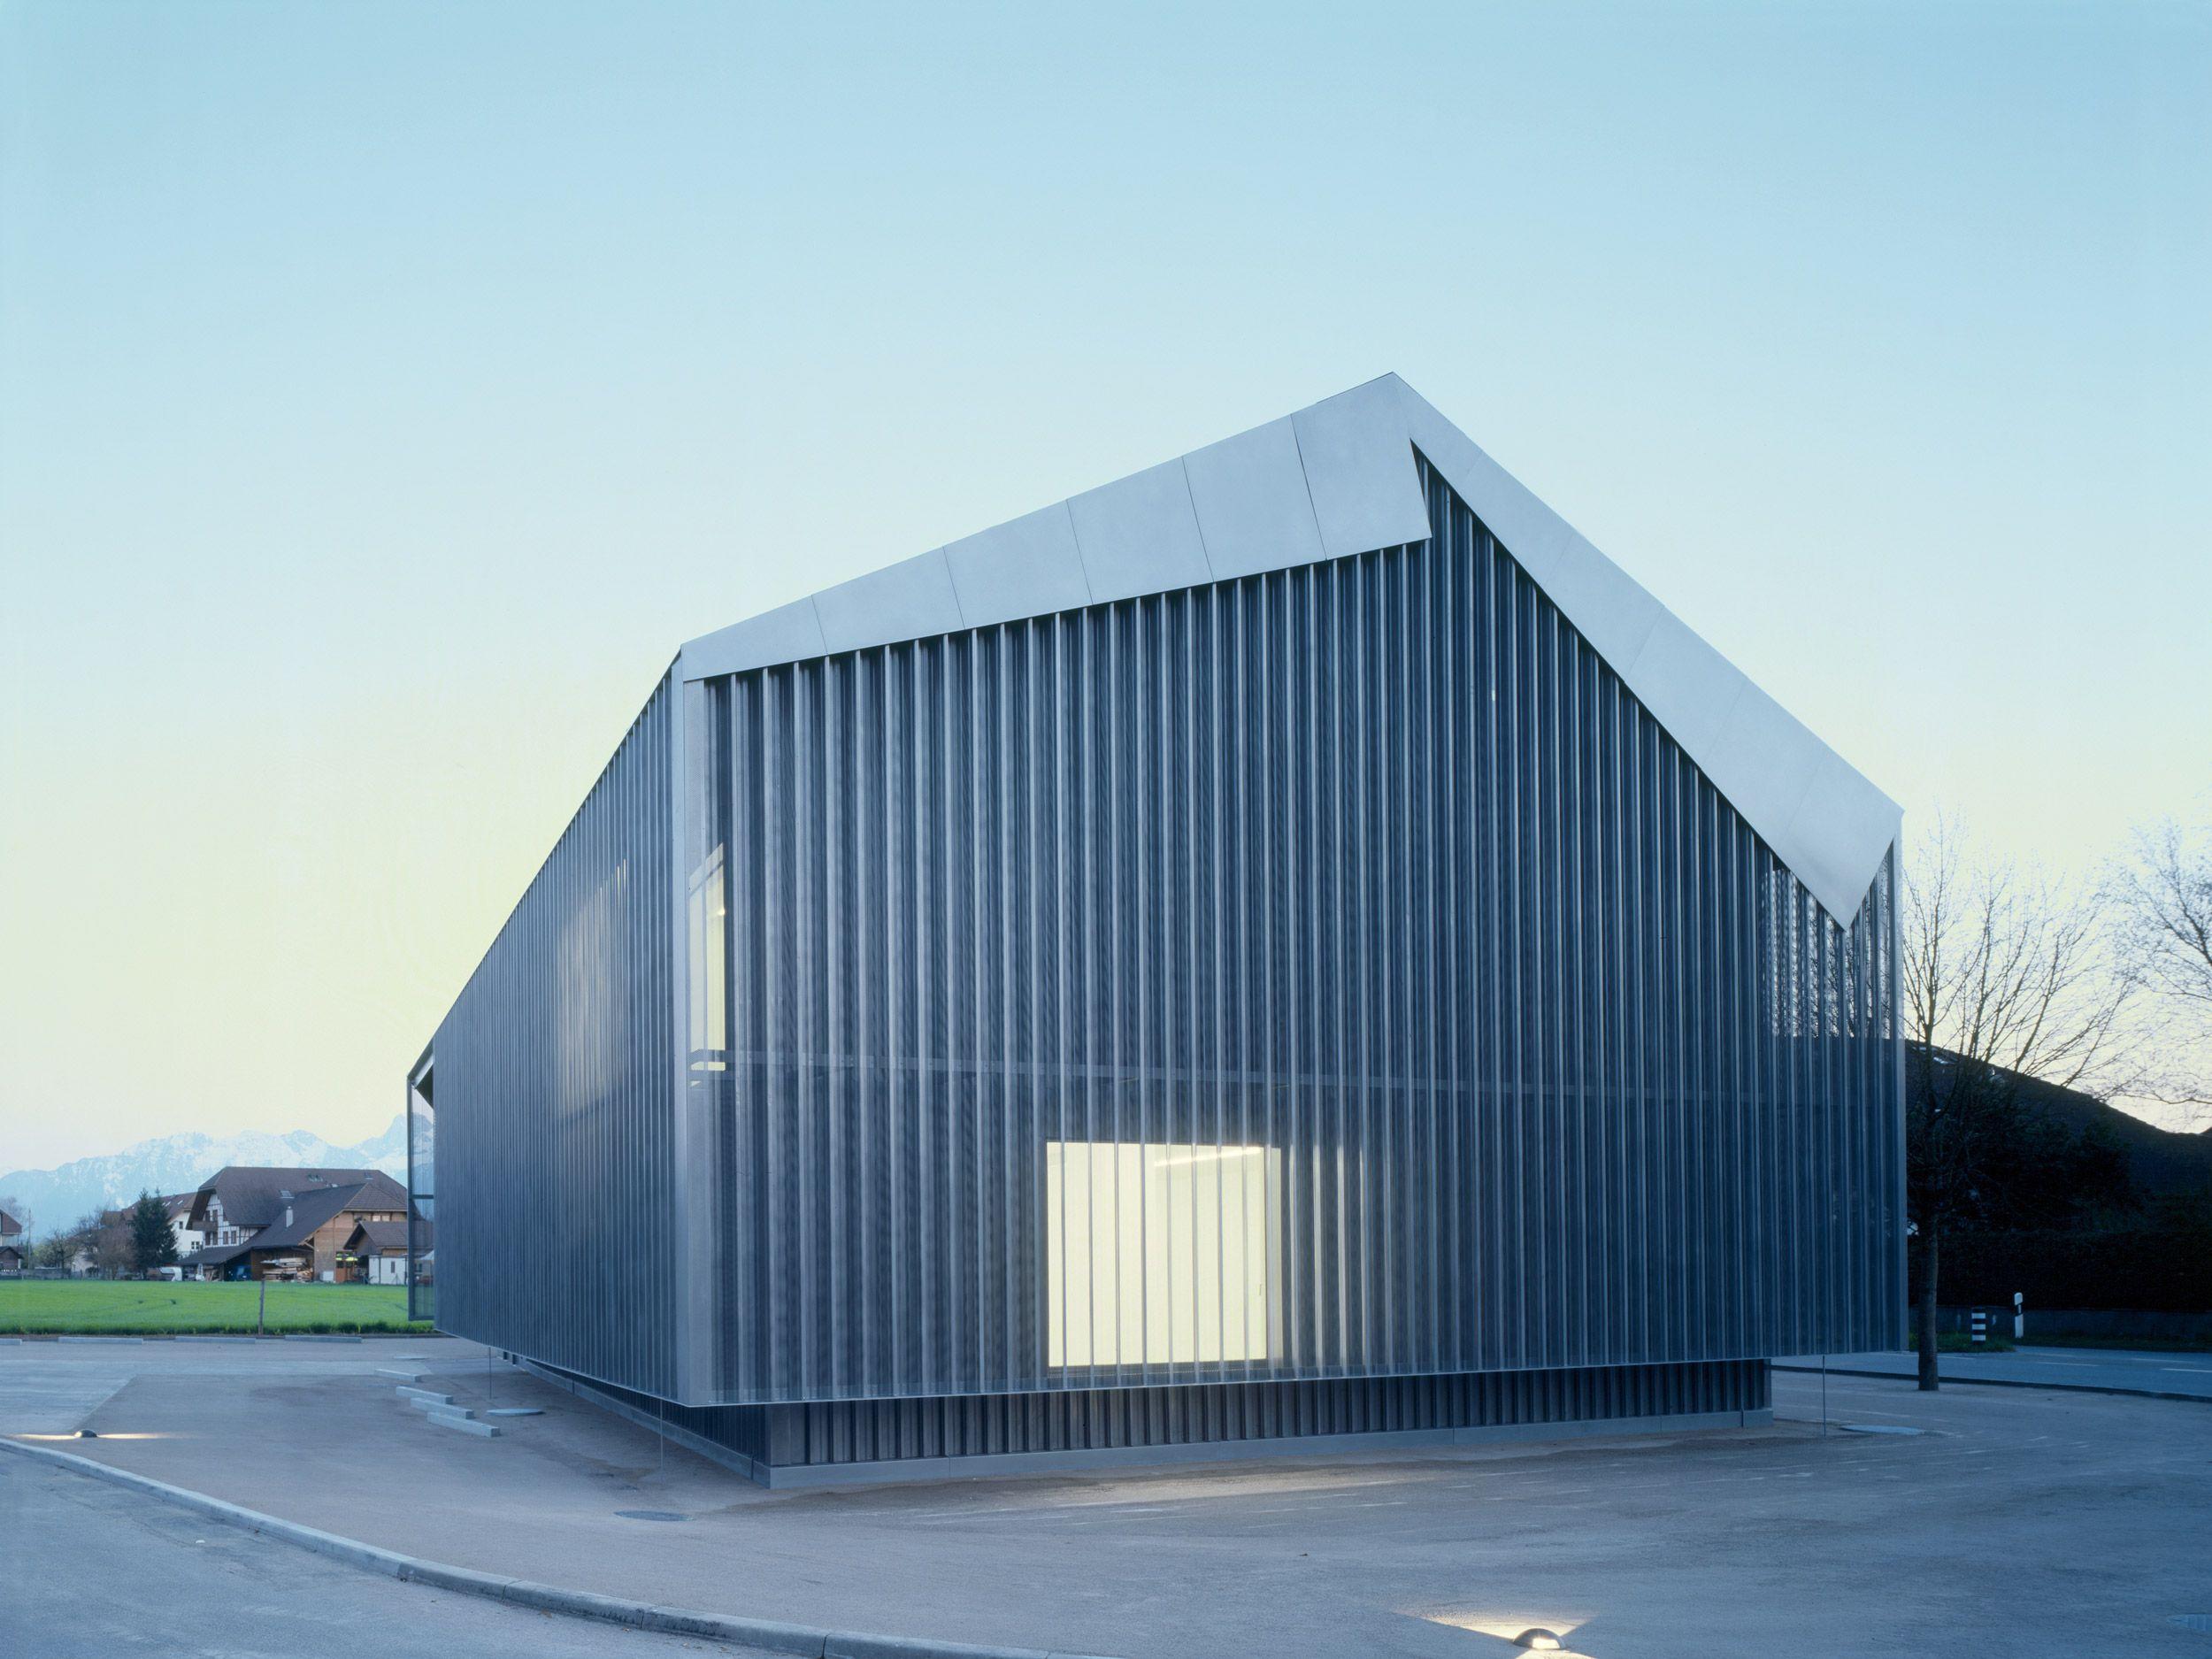 Kunst-Depot, Henze & Ketterer Gallery